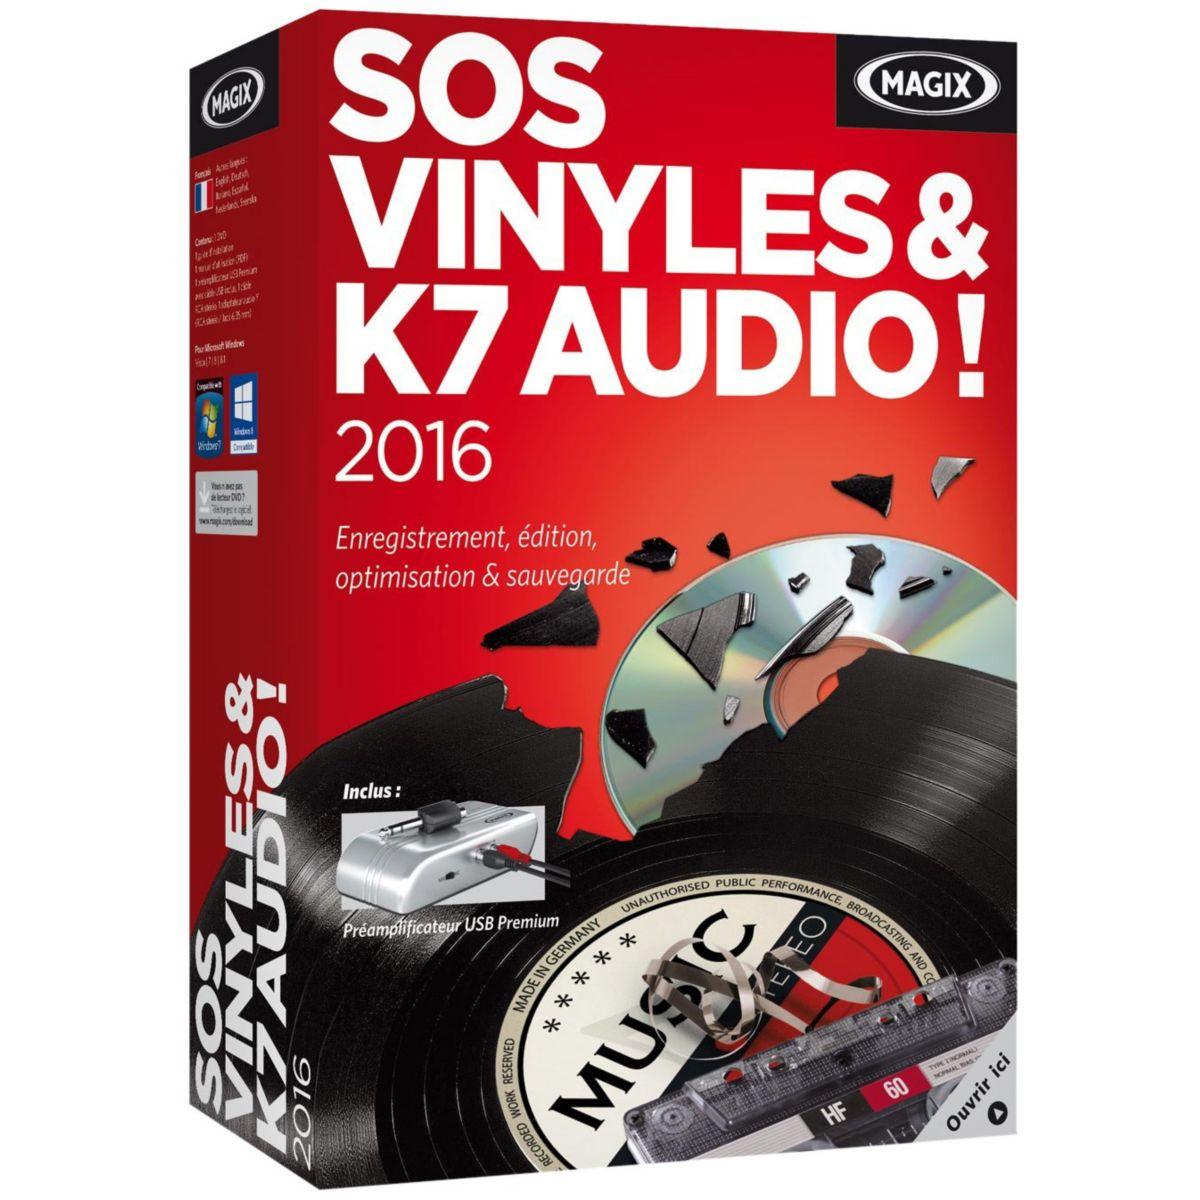 Logiciel pc magix sos vinyls & k7 audio ! 201 – 10 € de remise : code cash10